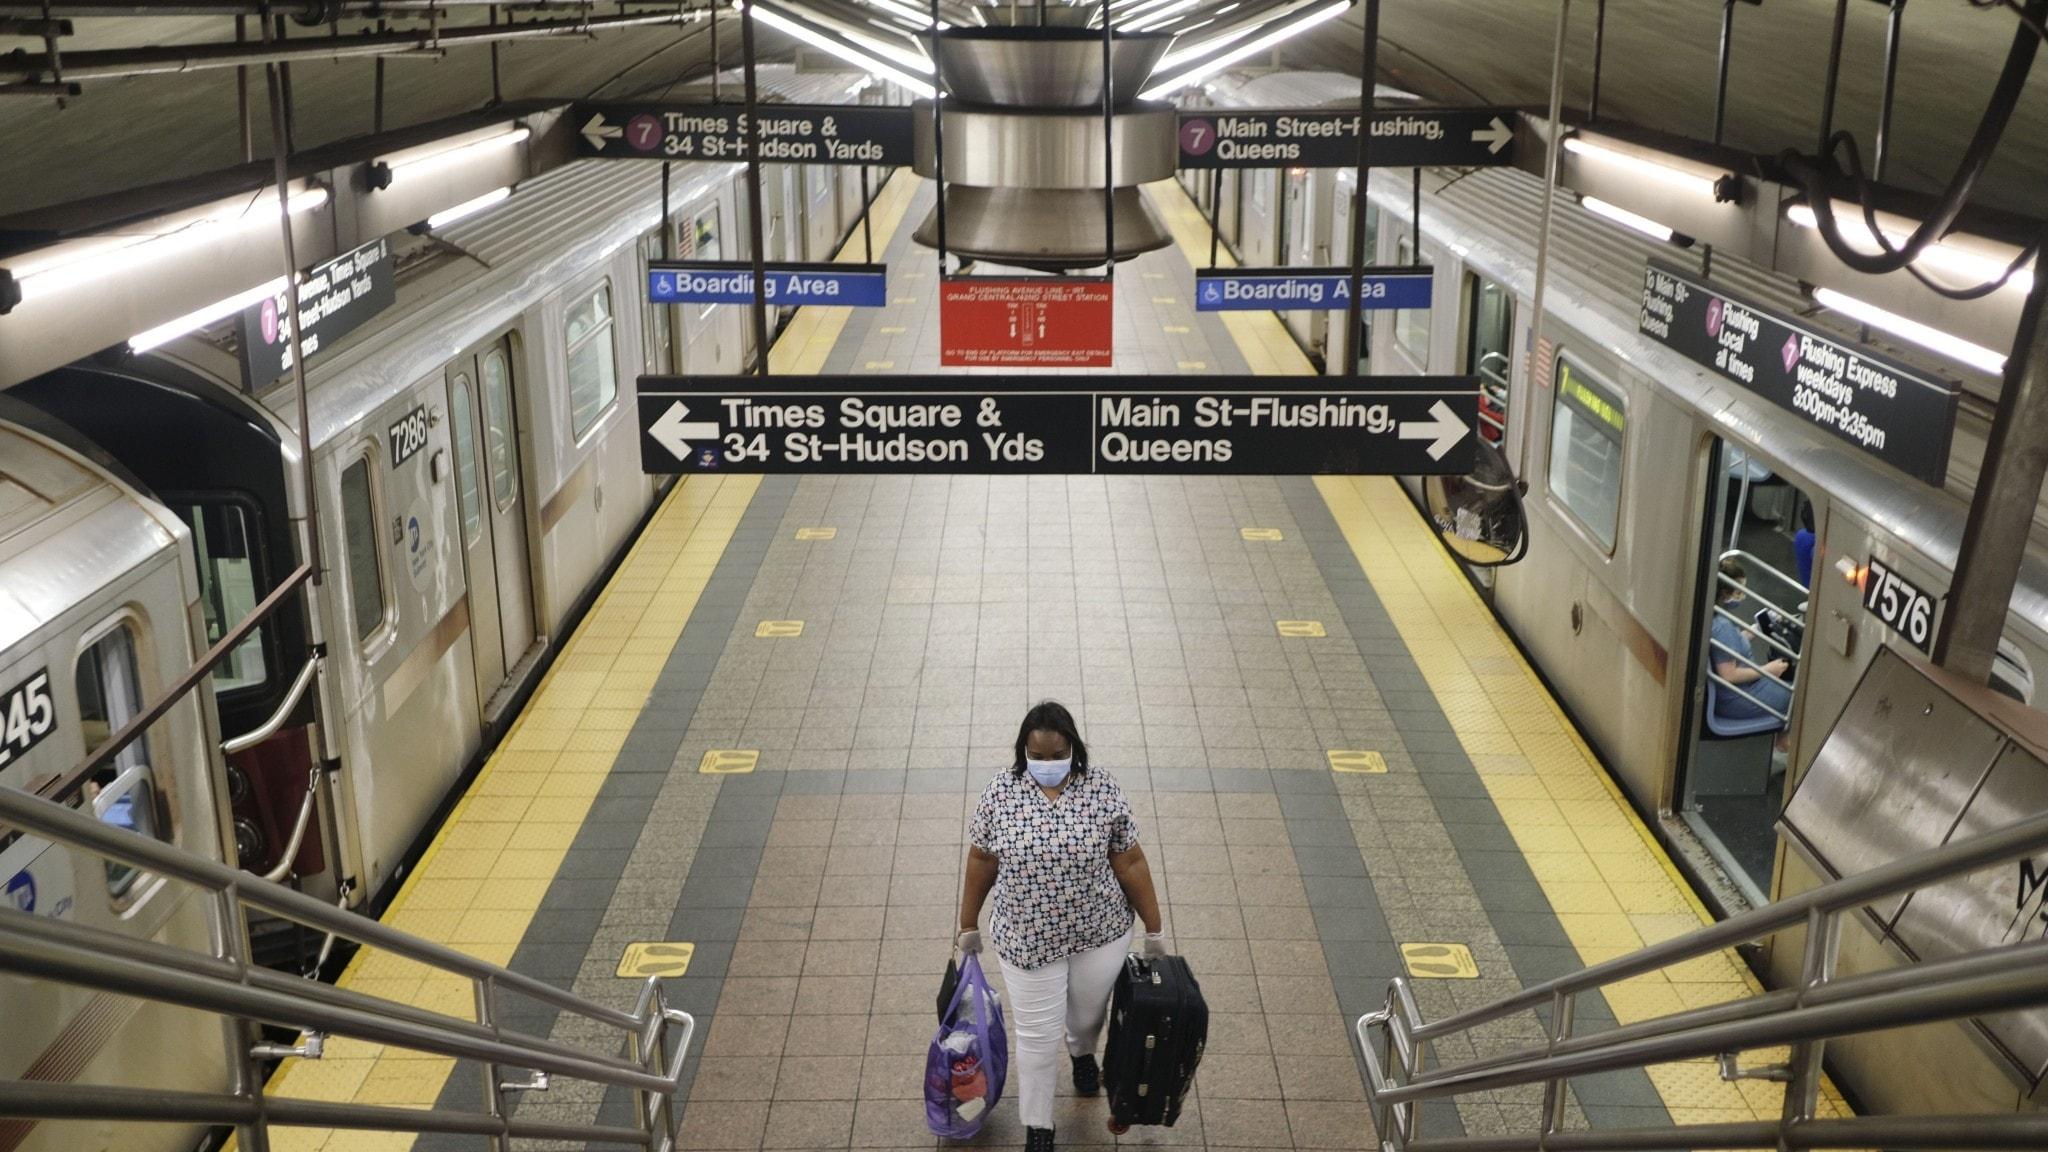 En kvinna går ensam med resväskor på en perrong i New Yorks tunnelbana.